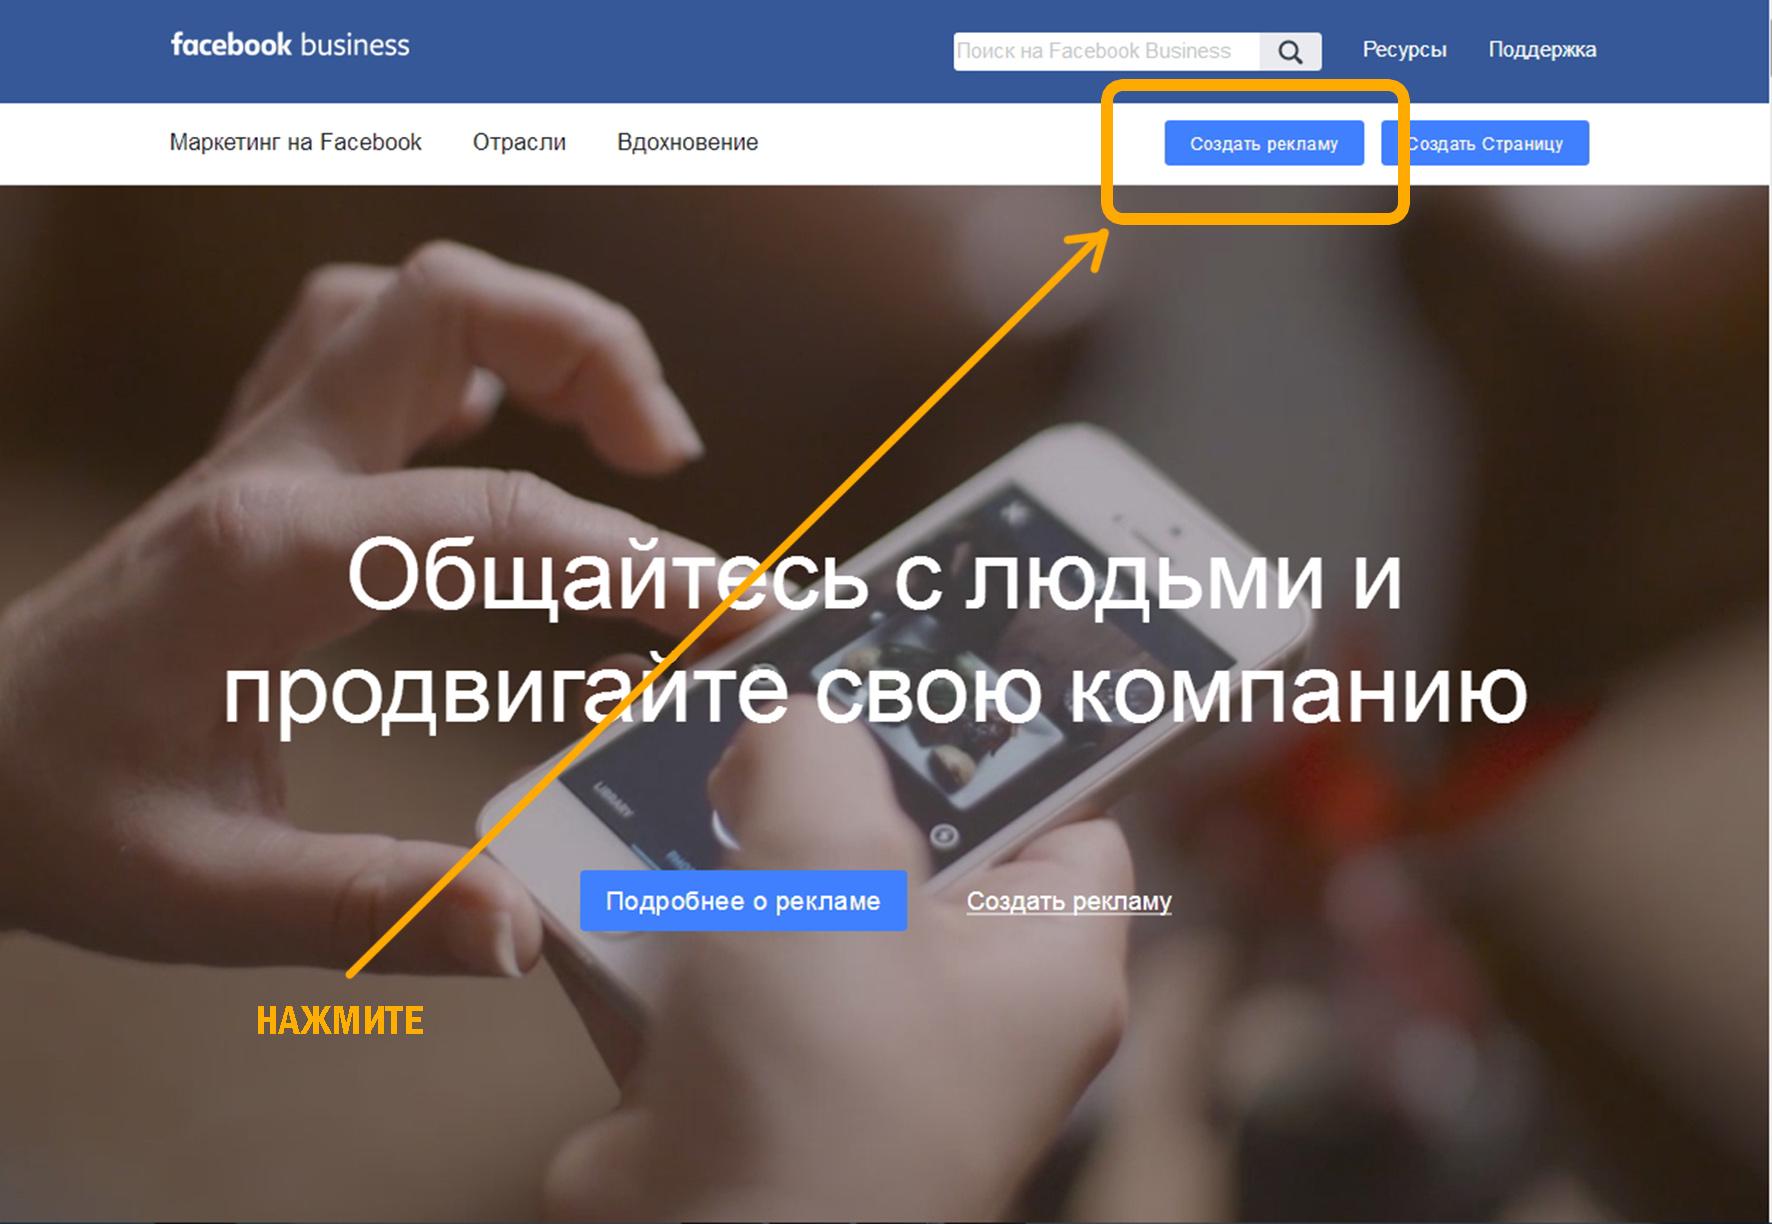 Визуальное изображение кнопки доступа к менеджеру рекламы Фейсбук, на промежуточном окне первичного входа в рекламу.